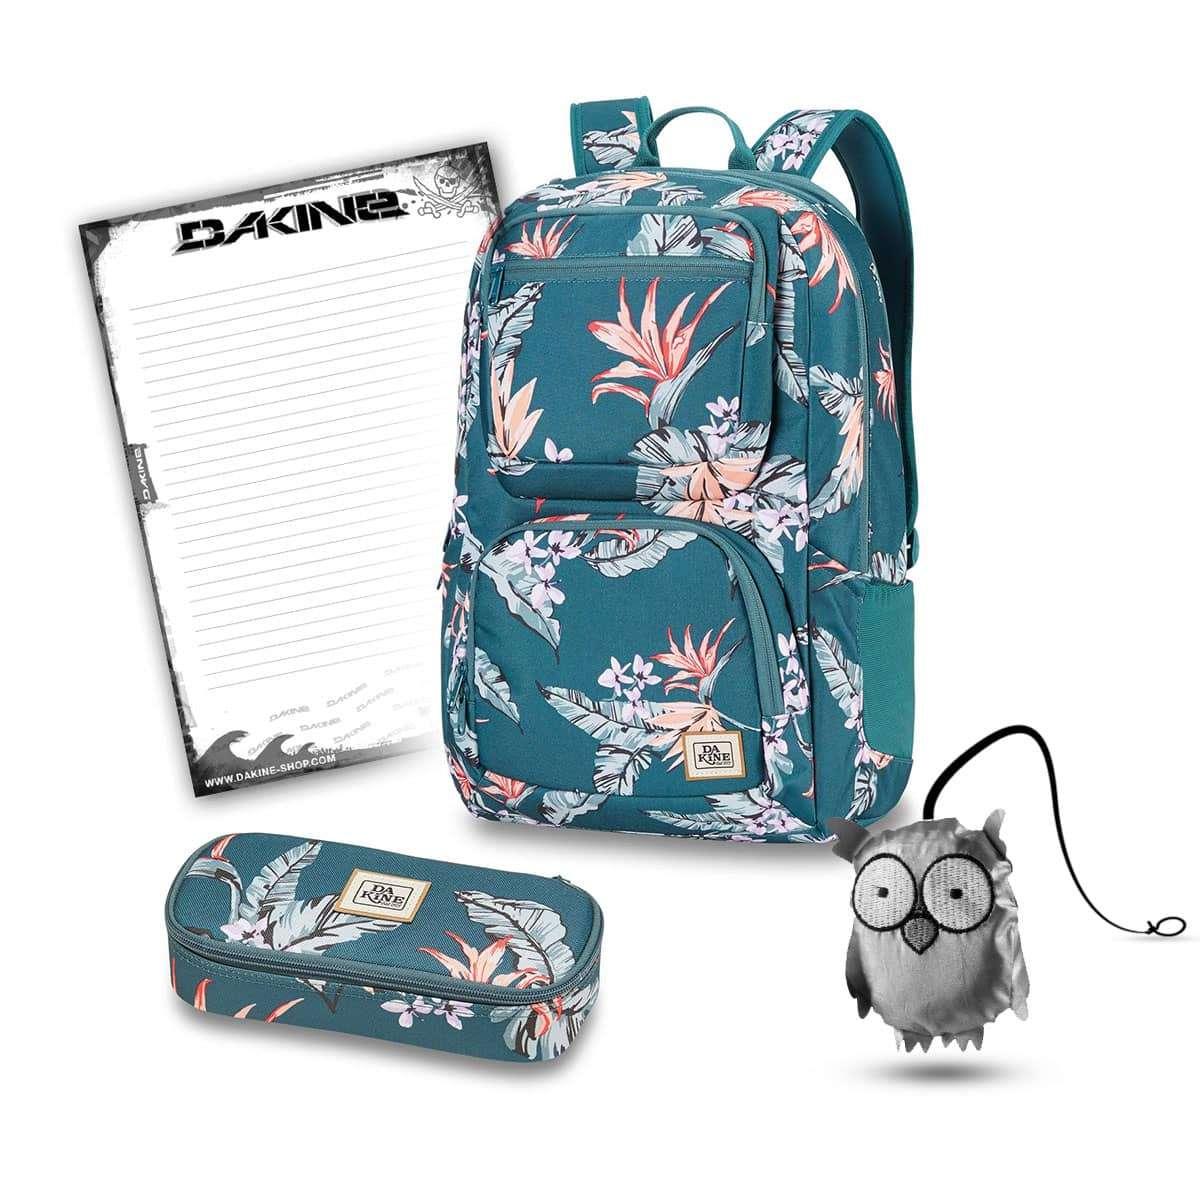 604f2734a1e8e Dakine Jewel 26L + School Case + Emma + Block Schulset Waimea ...